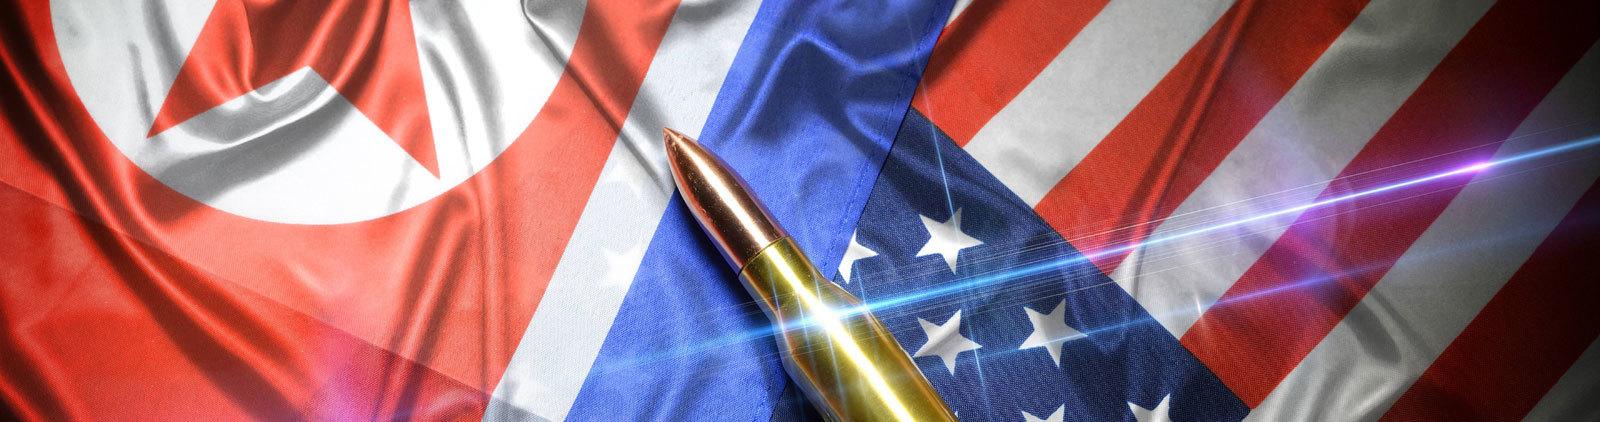 Eine Gewehrpatrone liegt auf den Flaggen Nordkoreas und der USA